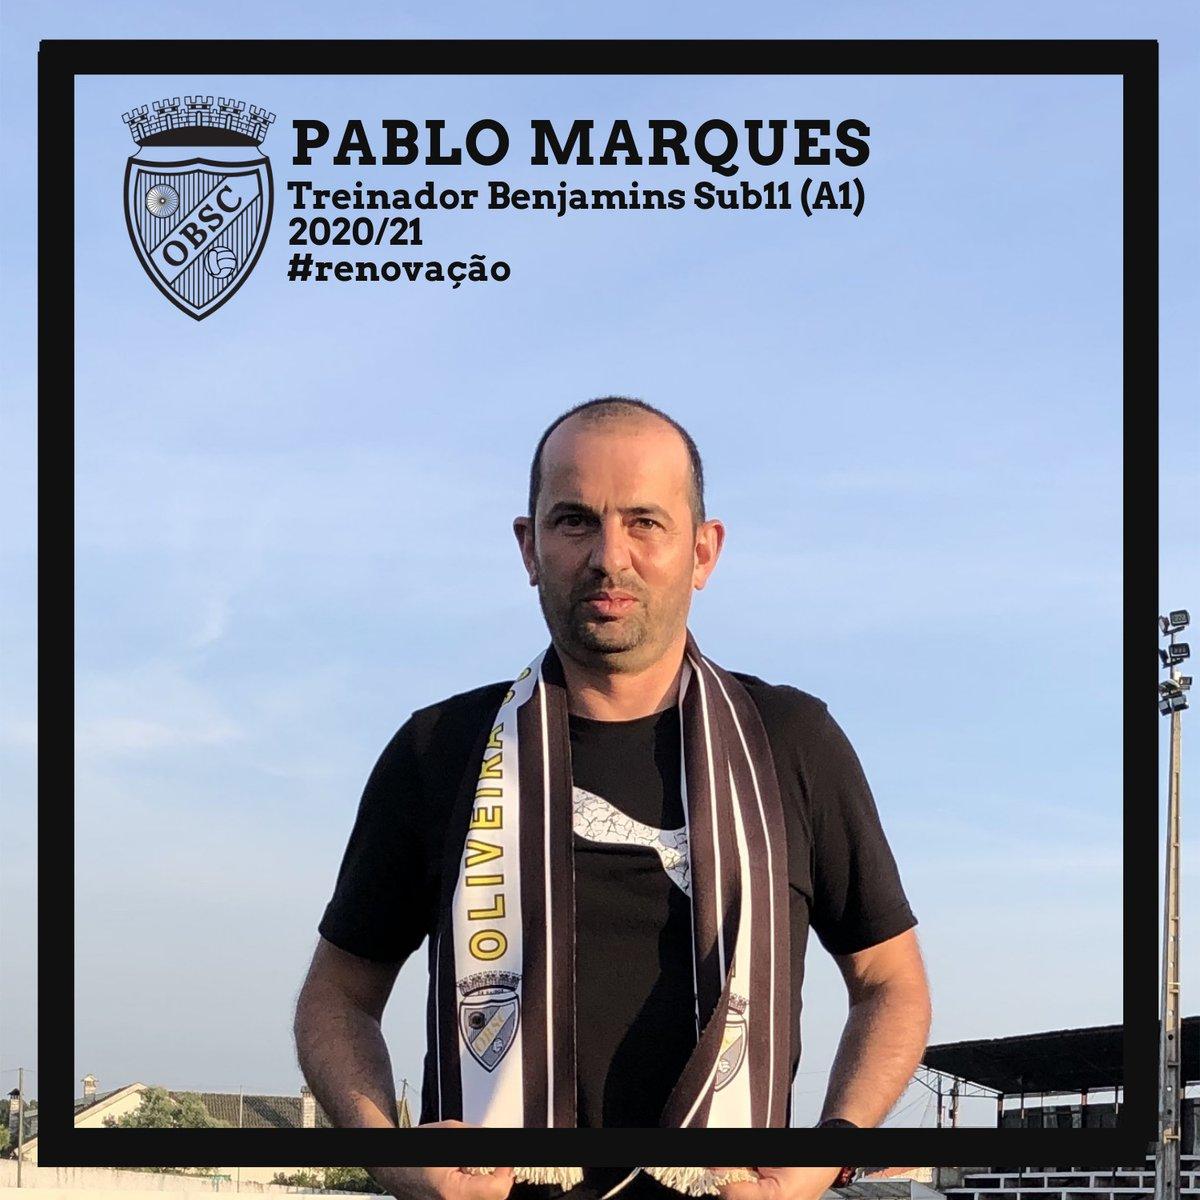 Pablo Marques, paixão e dedicação.